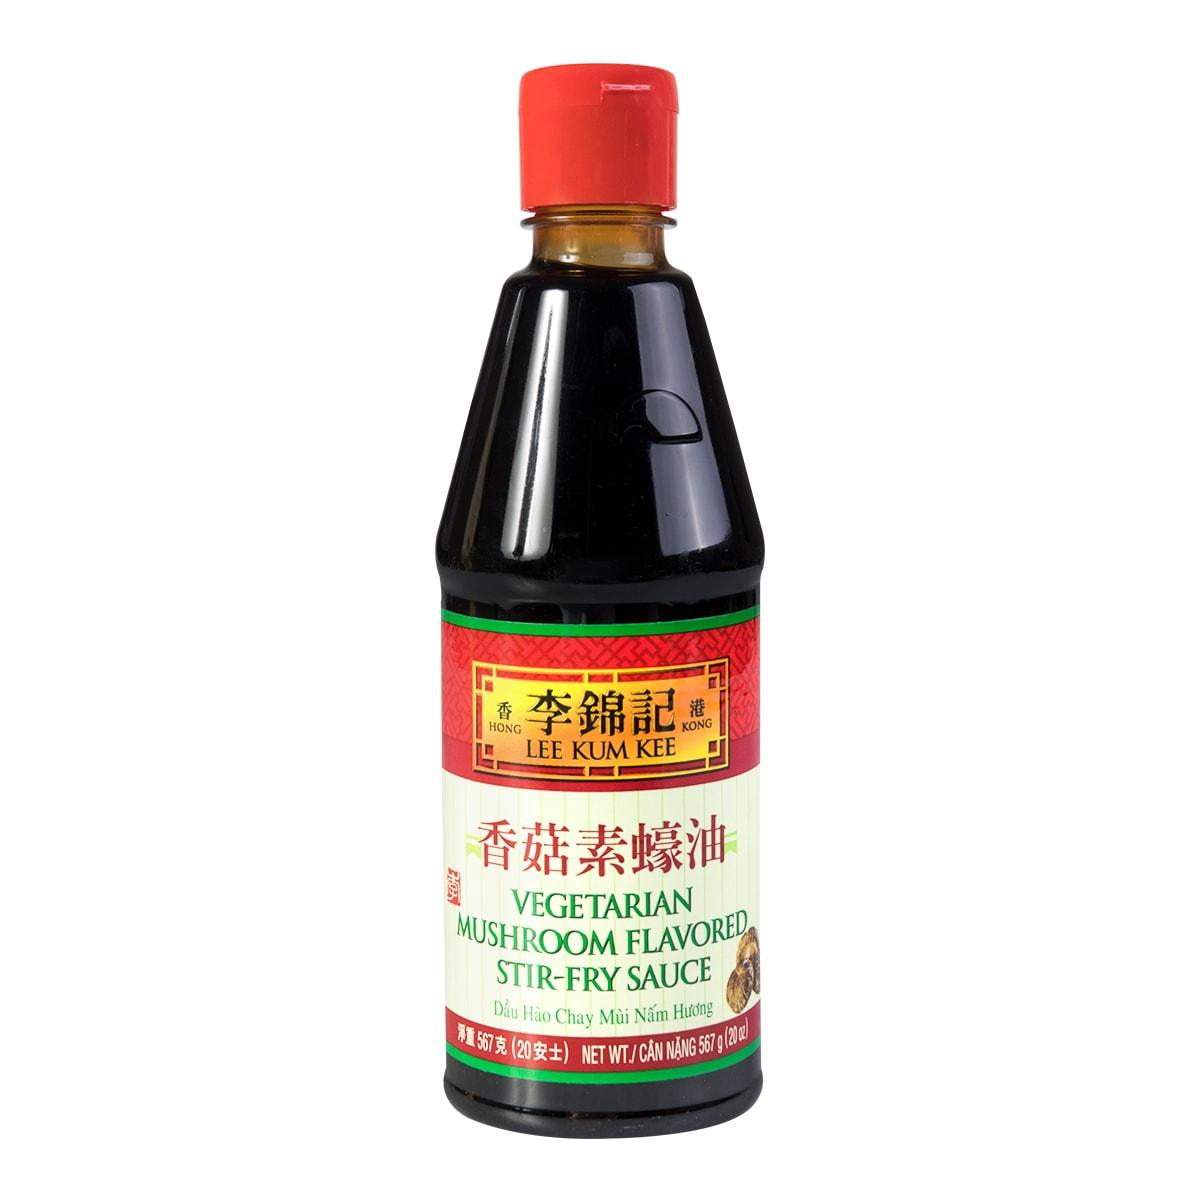 香港李锦记 香菇素蚝油 567g 怎么样 - 亚米网